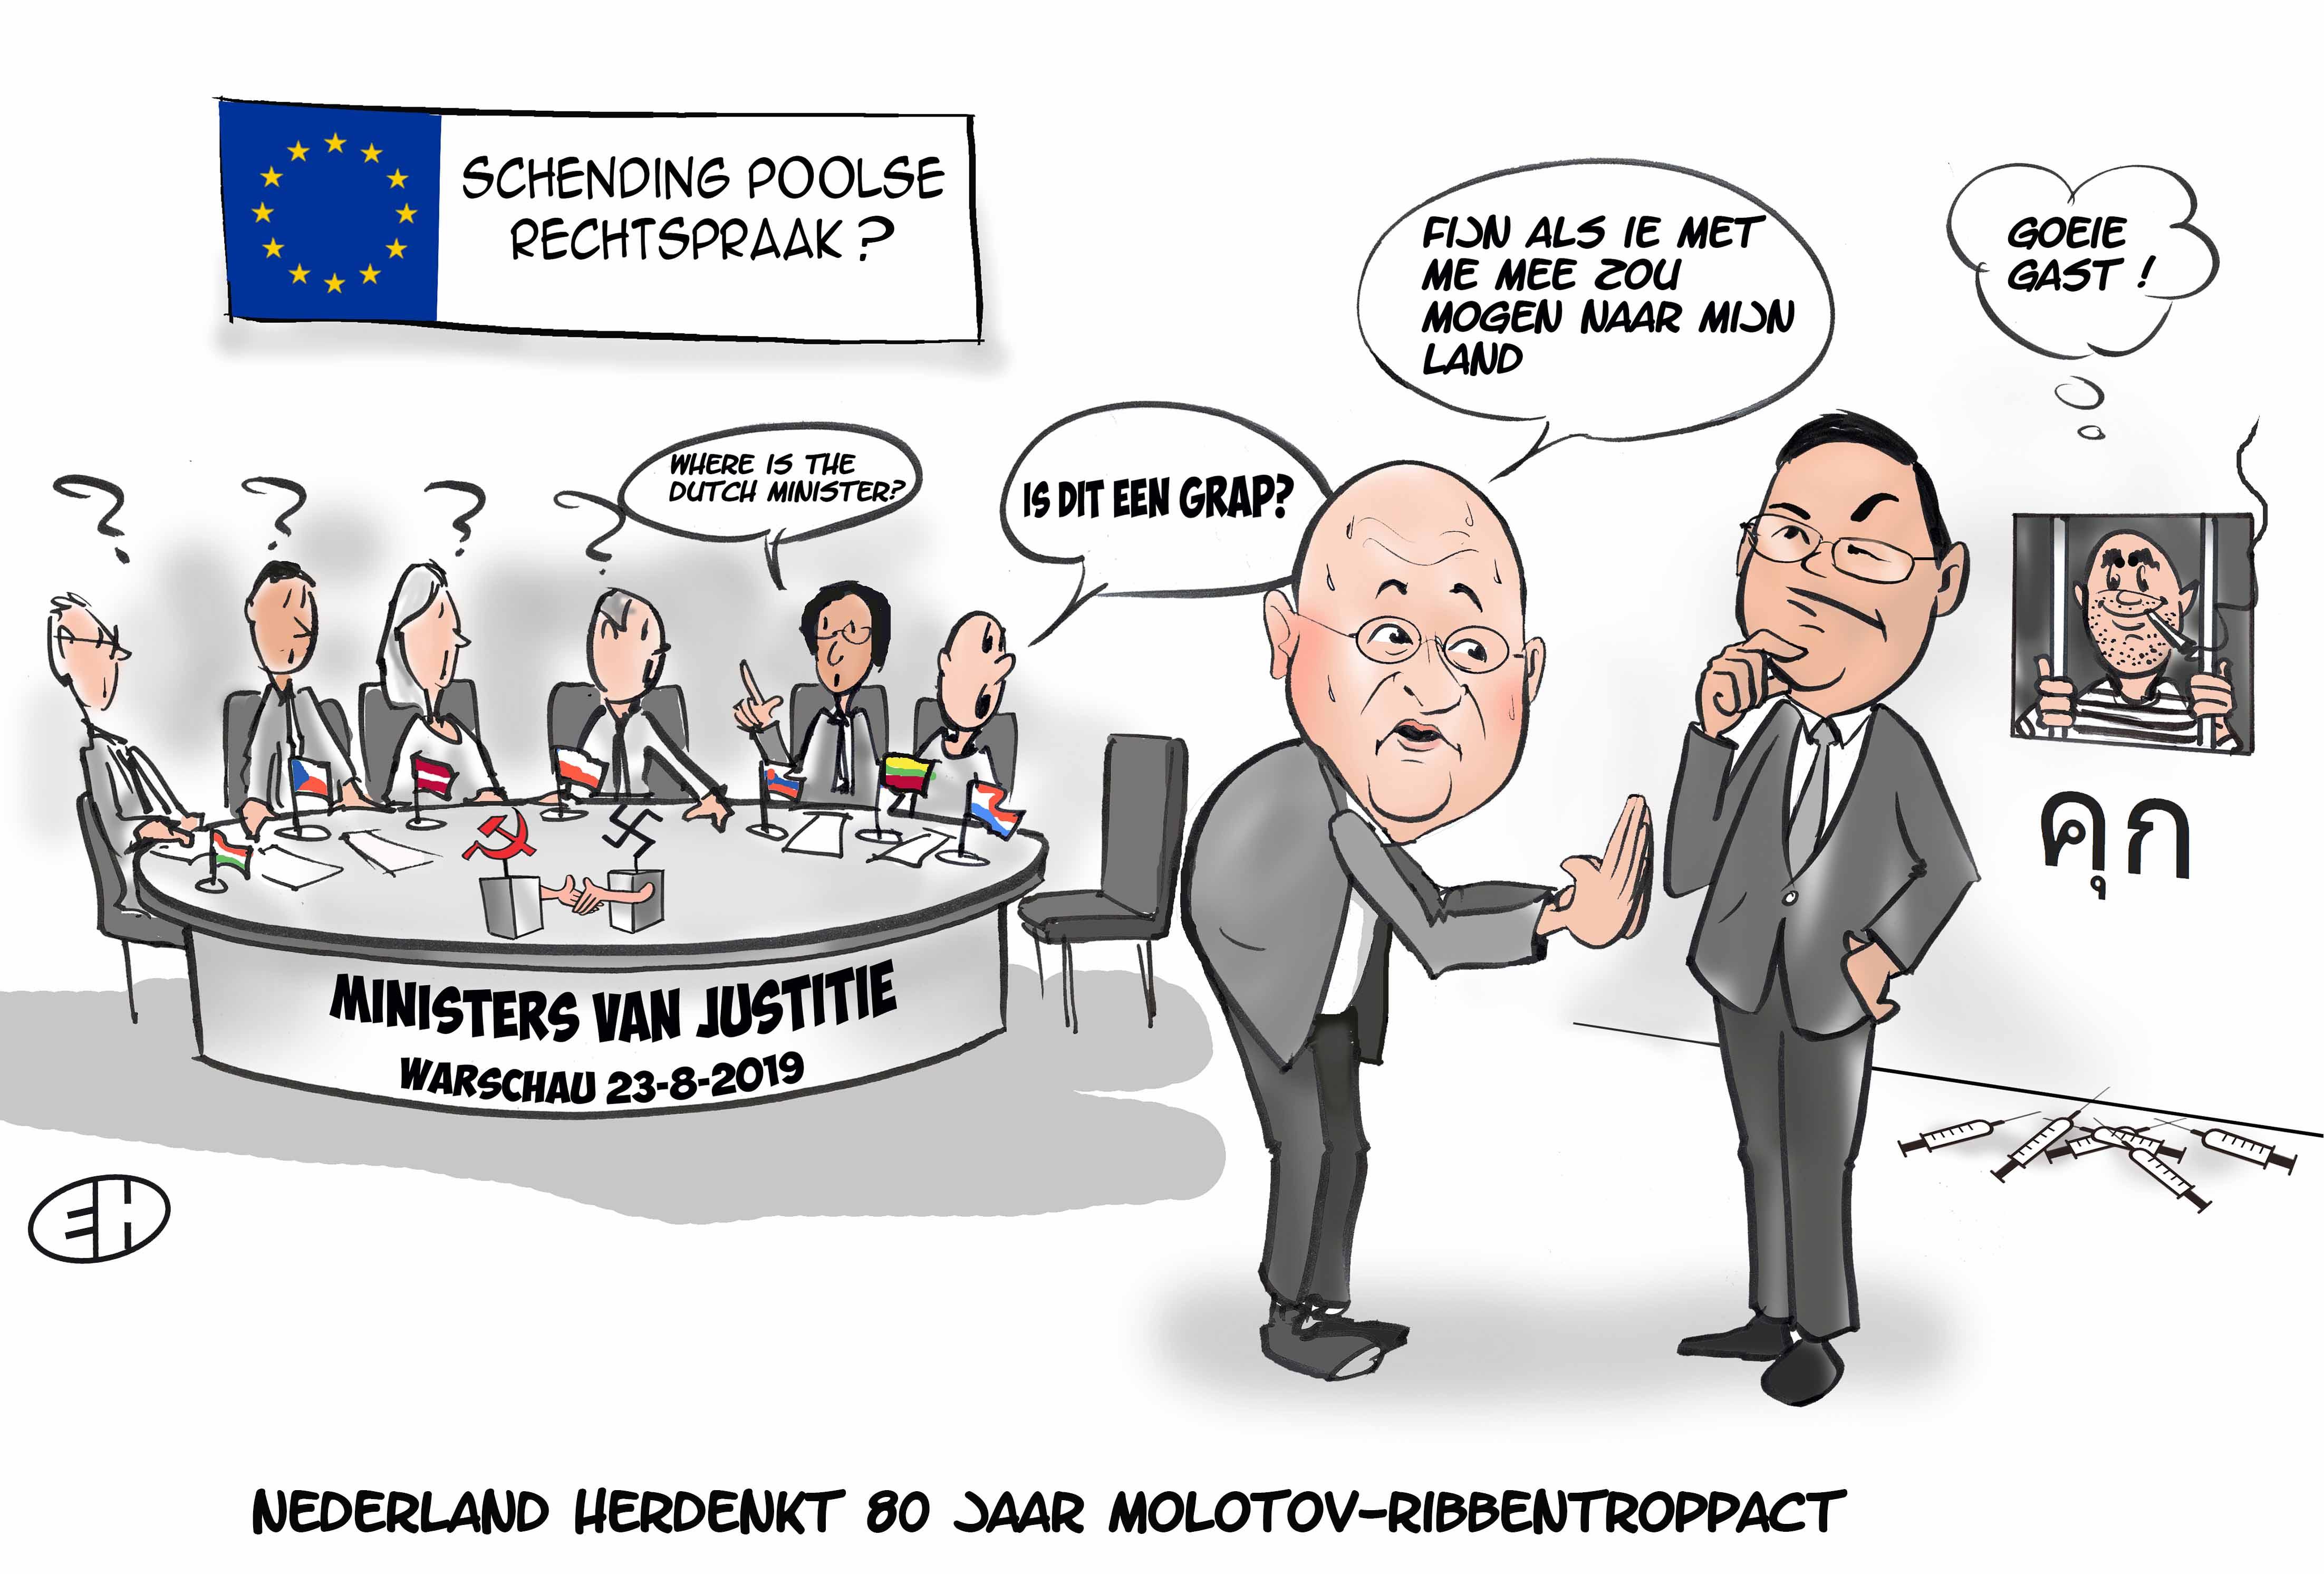 Cartoon over het wegblijven van minister Grapperhaus bij herdenking Molotov-Ribbentroppact te Warschauw 23 augustus 2019 waar de (mogelijke schending van de Poolse rechtspraak aan de orde gesteld werd.